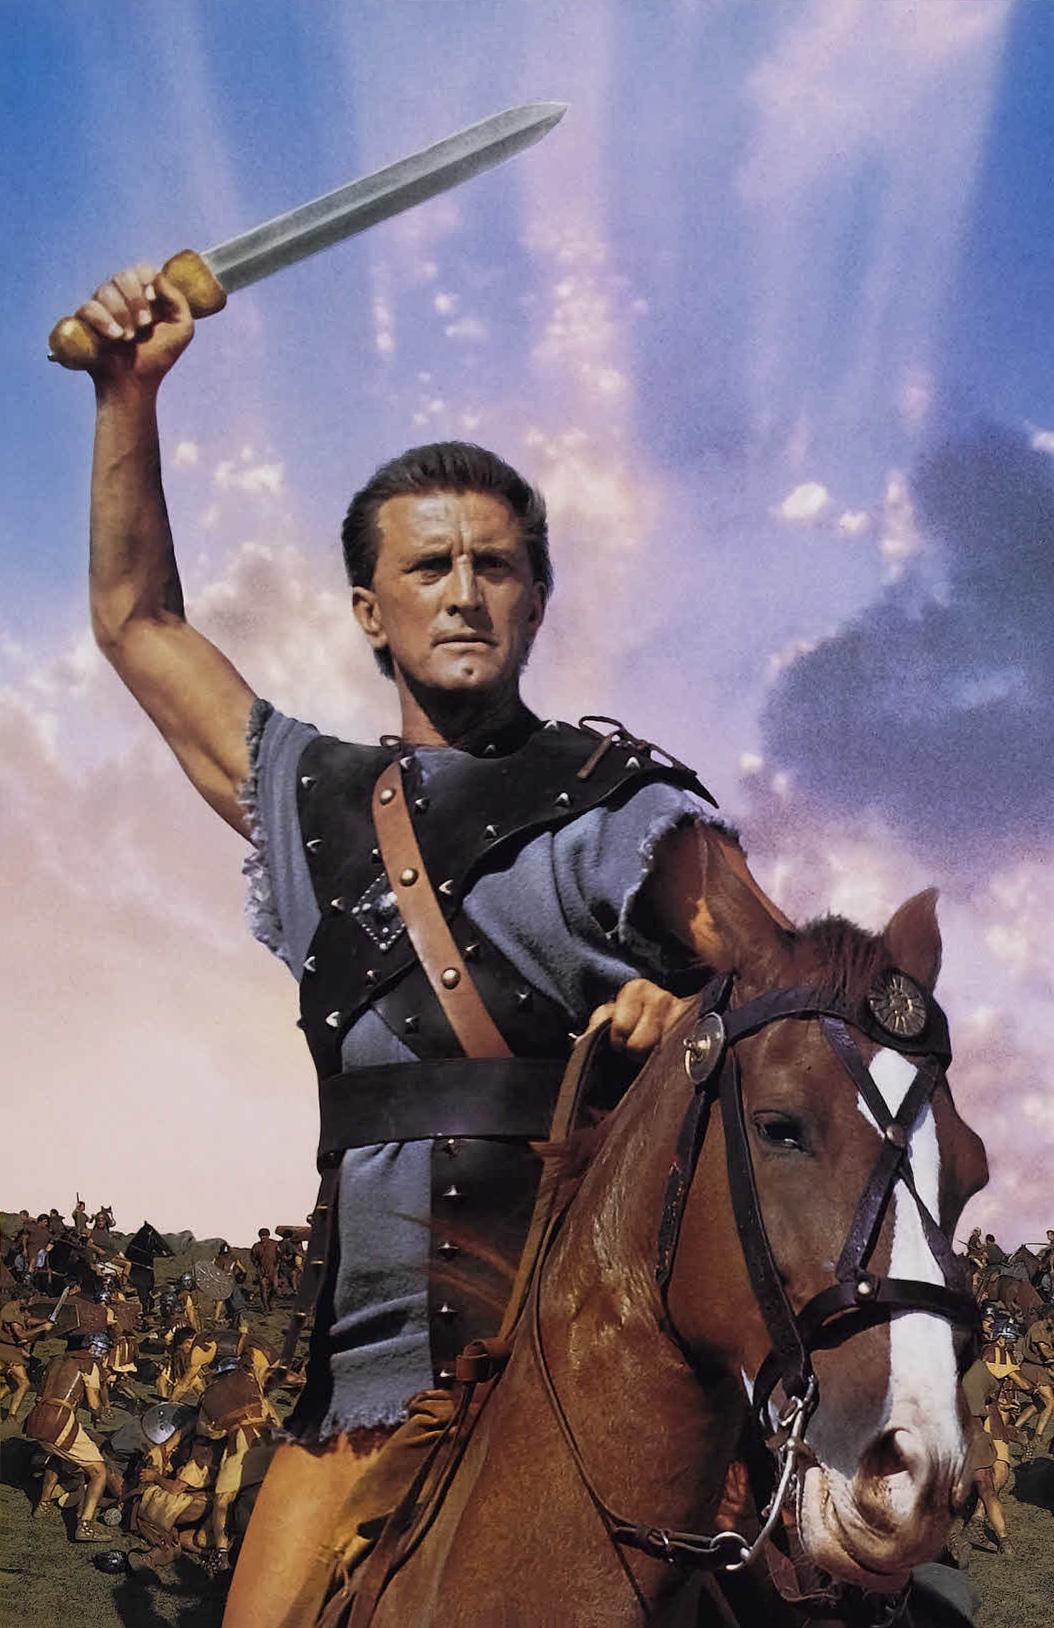 Spartacus è un film del 1960 diretto da Stanley Kubrick, tratto dall'omonimo romanzo di Howard Fast. Narra la vita dello schiavo che sfidò la Repubblica romana: il gladiatore trace Spartaco